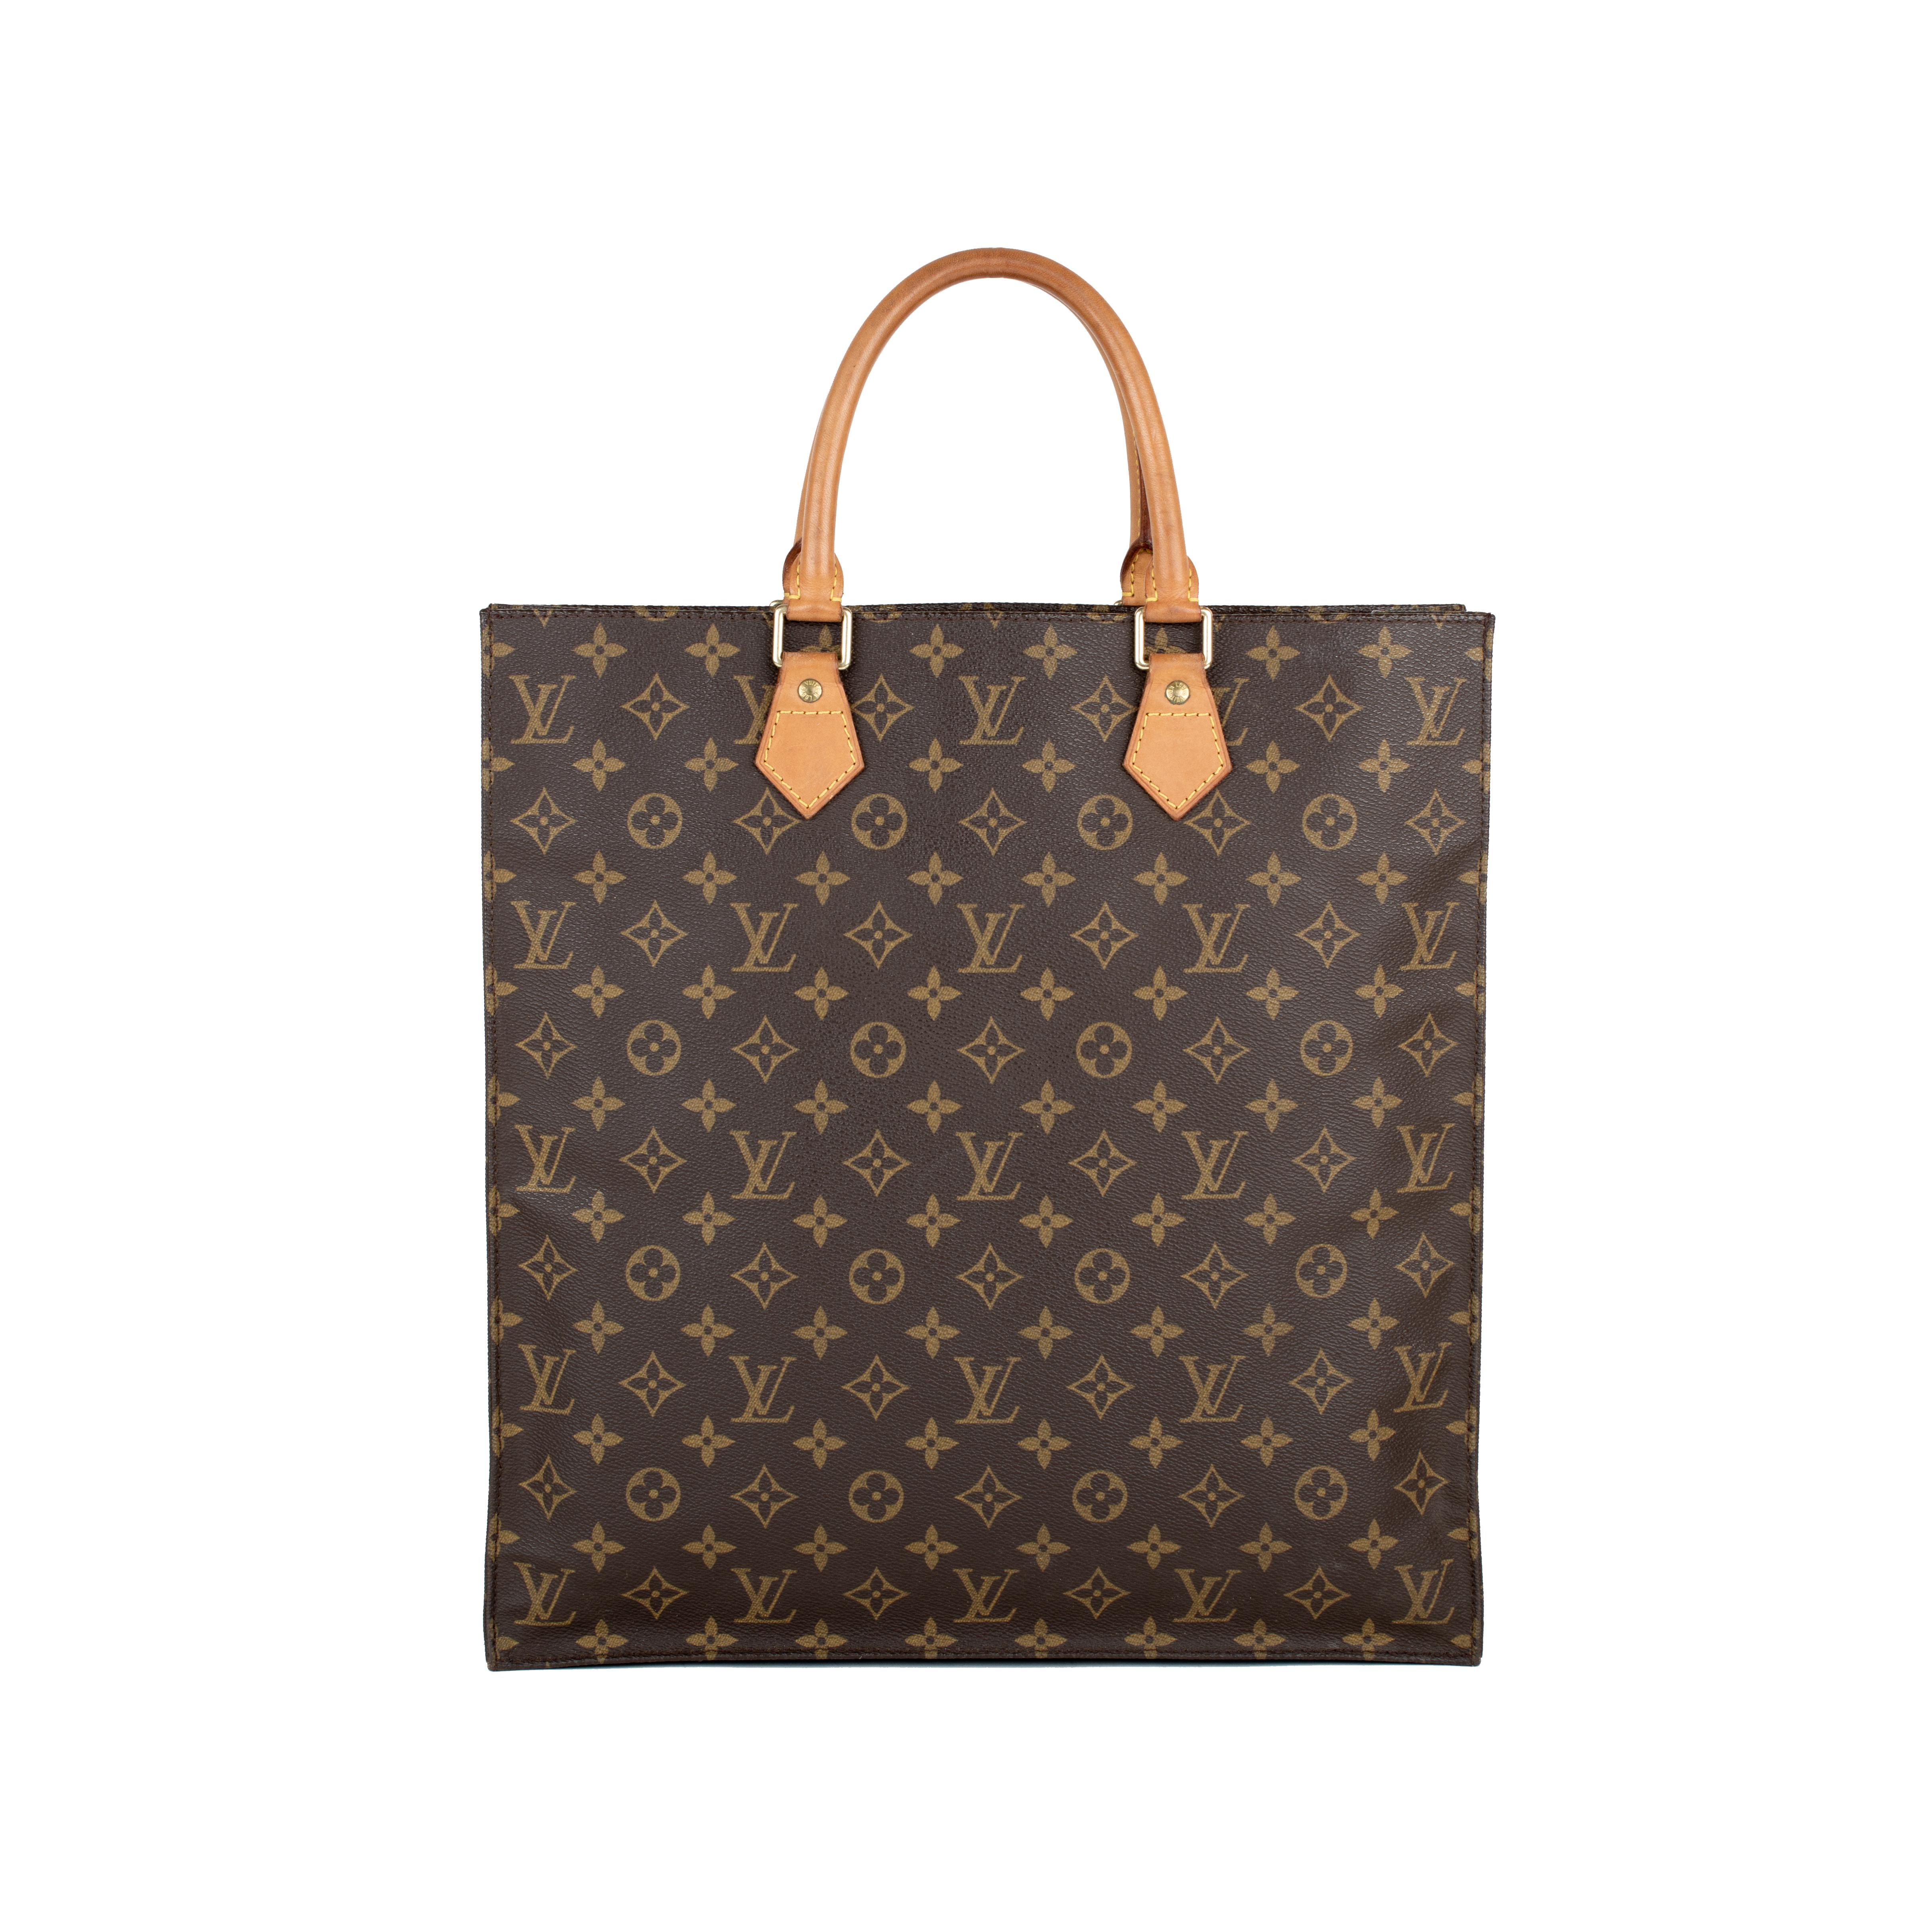 19e8d0e10b86 Authentic Second Hand Louis Vuitton Monogram Sac Plat Tote Bag  (PSS-430-00002)